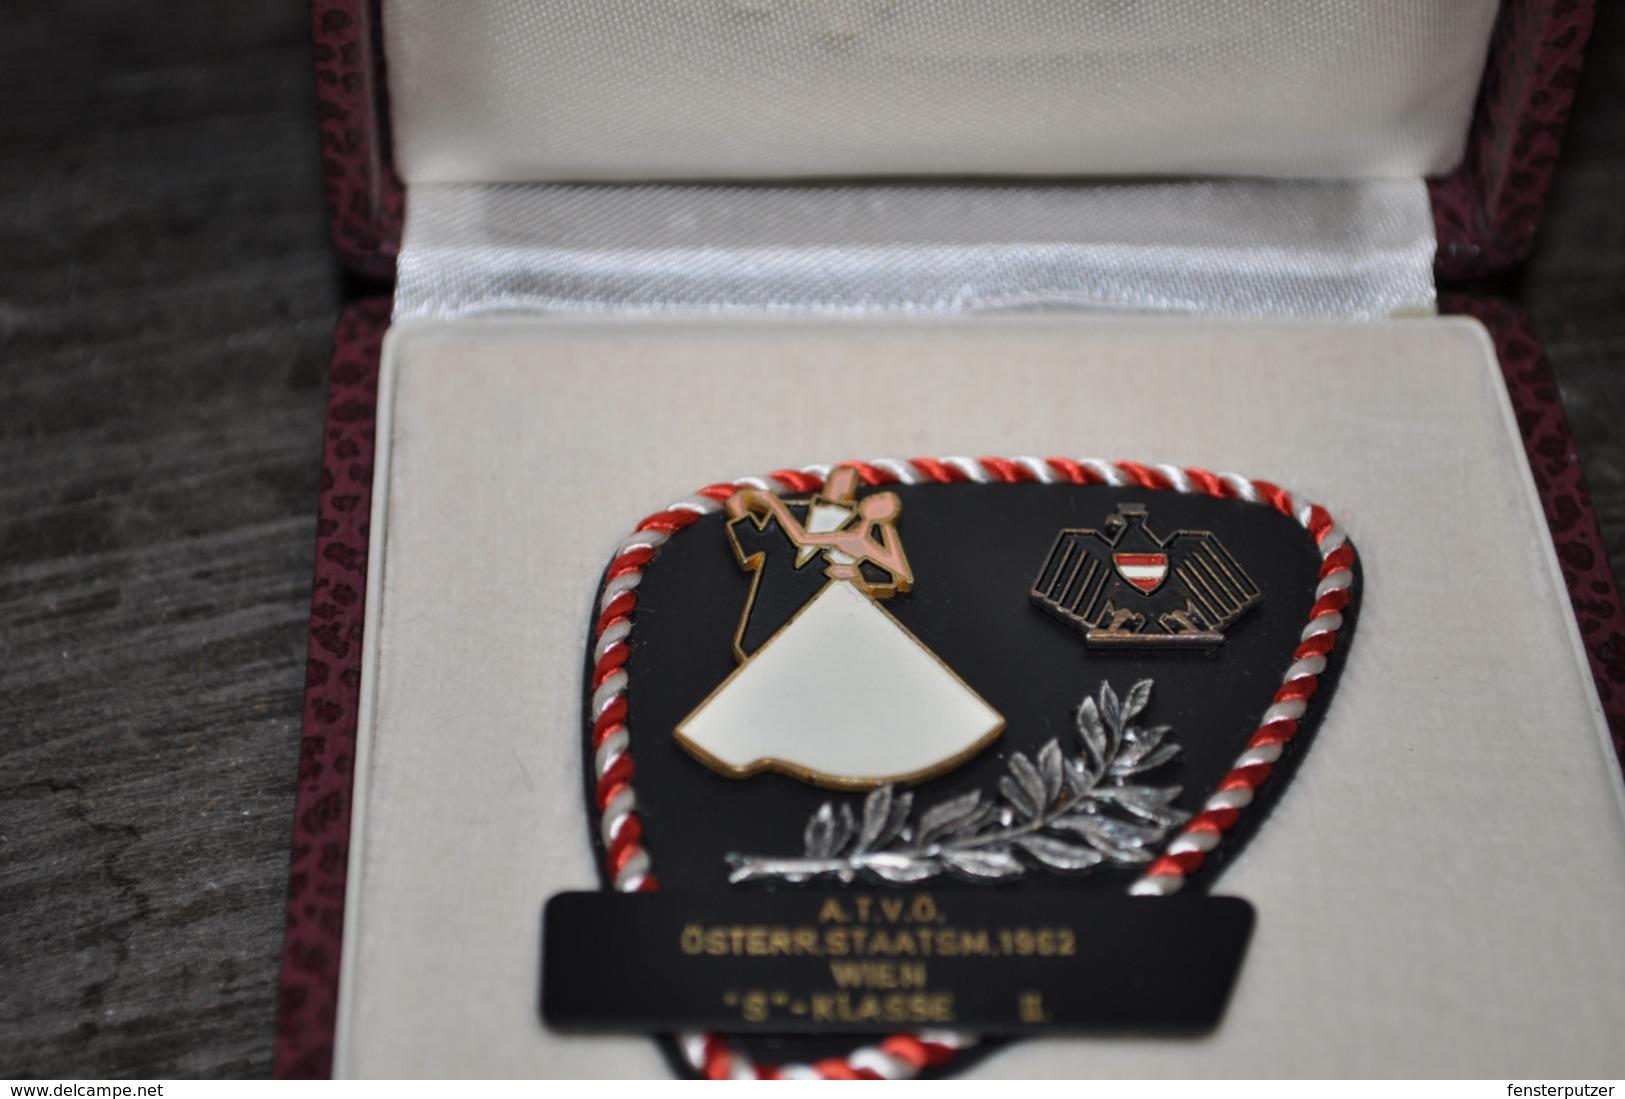 """1 Tanz-Medaille A.T.V.Ö. Österr.Staatsm. 1962 Wien """"S""""-Klasse In Schatulle - Autriche"""